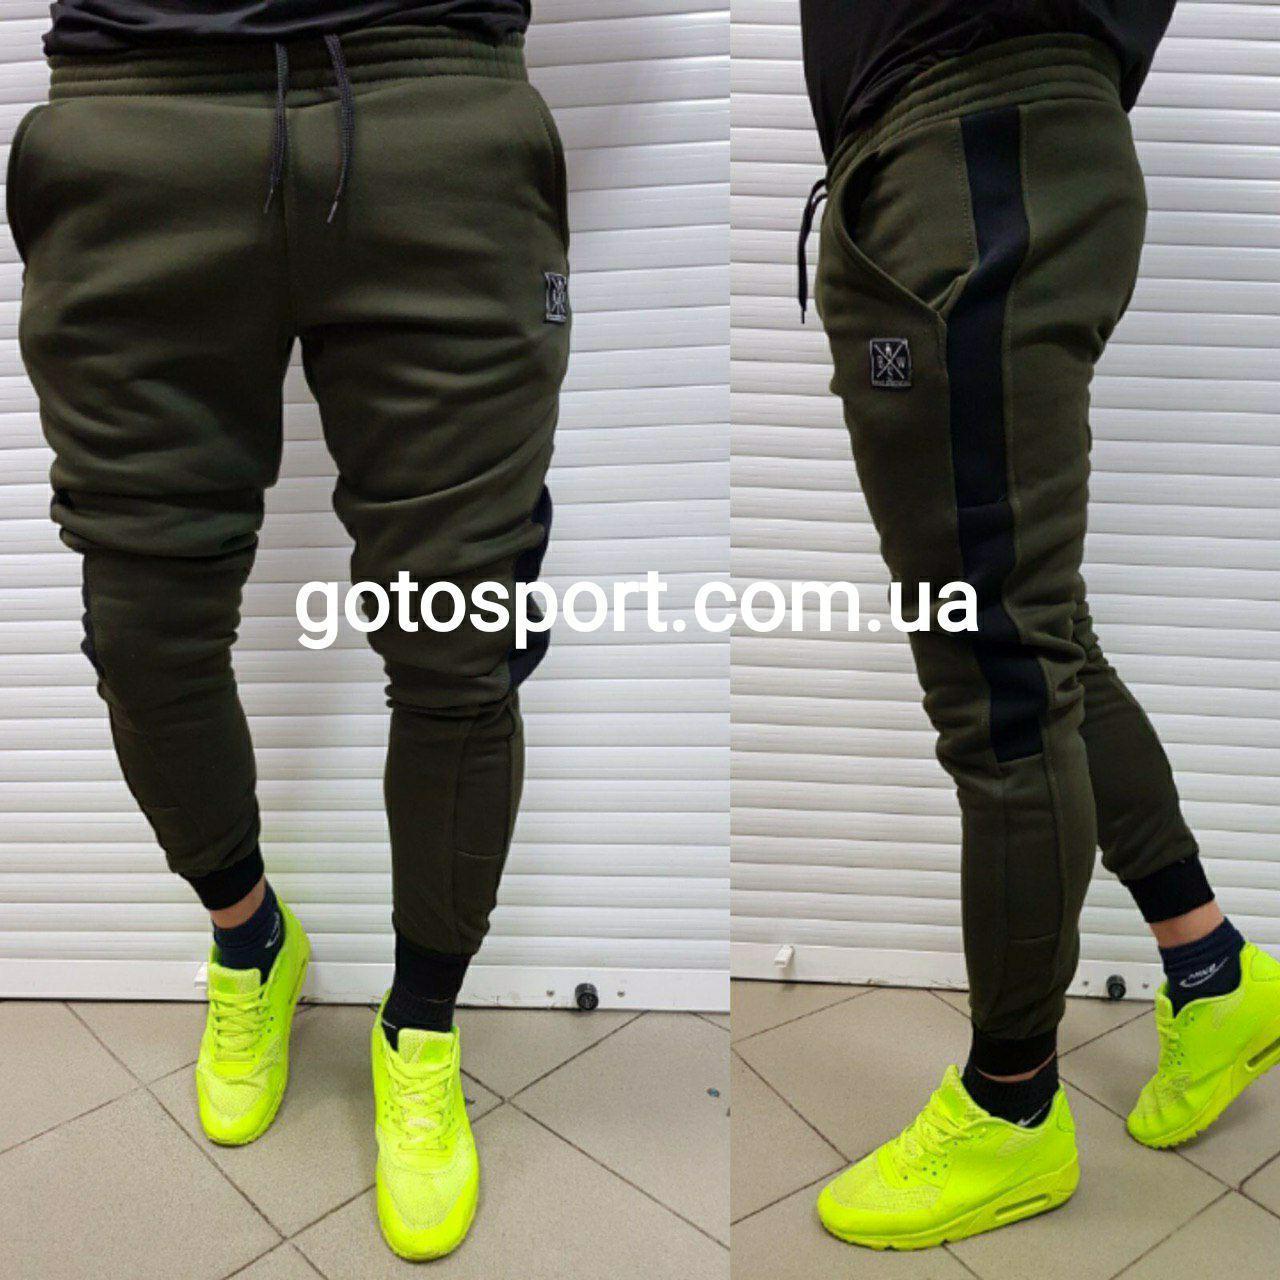 Теплые мужские спортивные штаны Brave Haki Sport